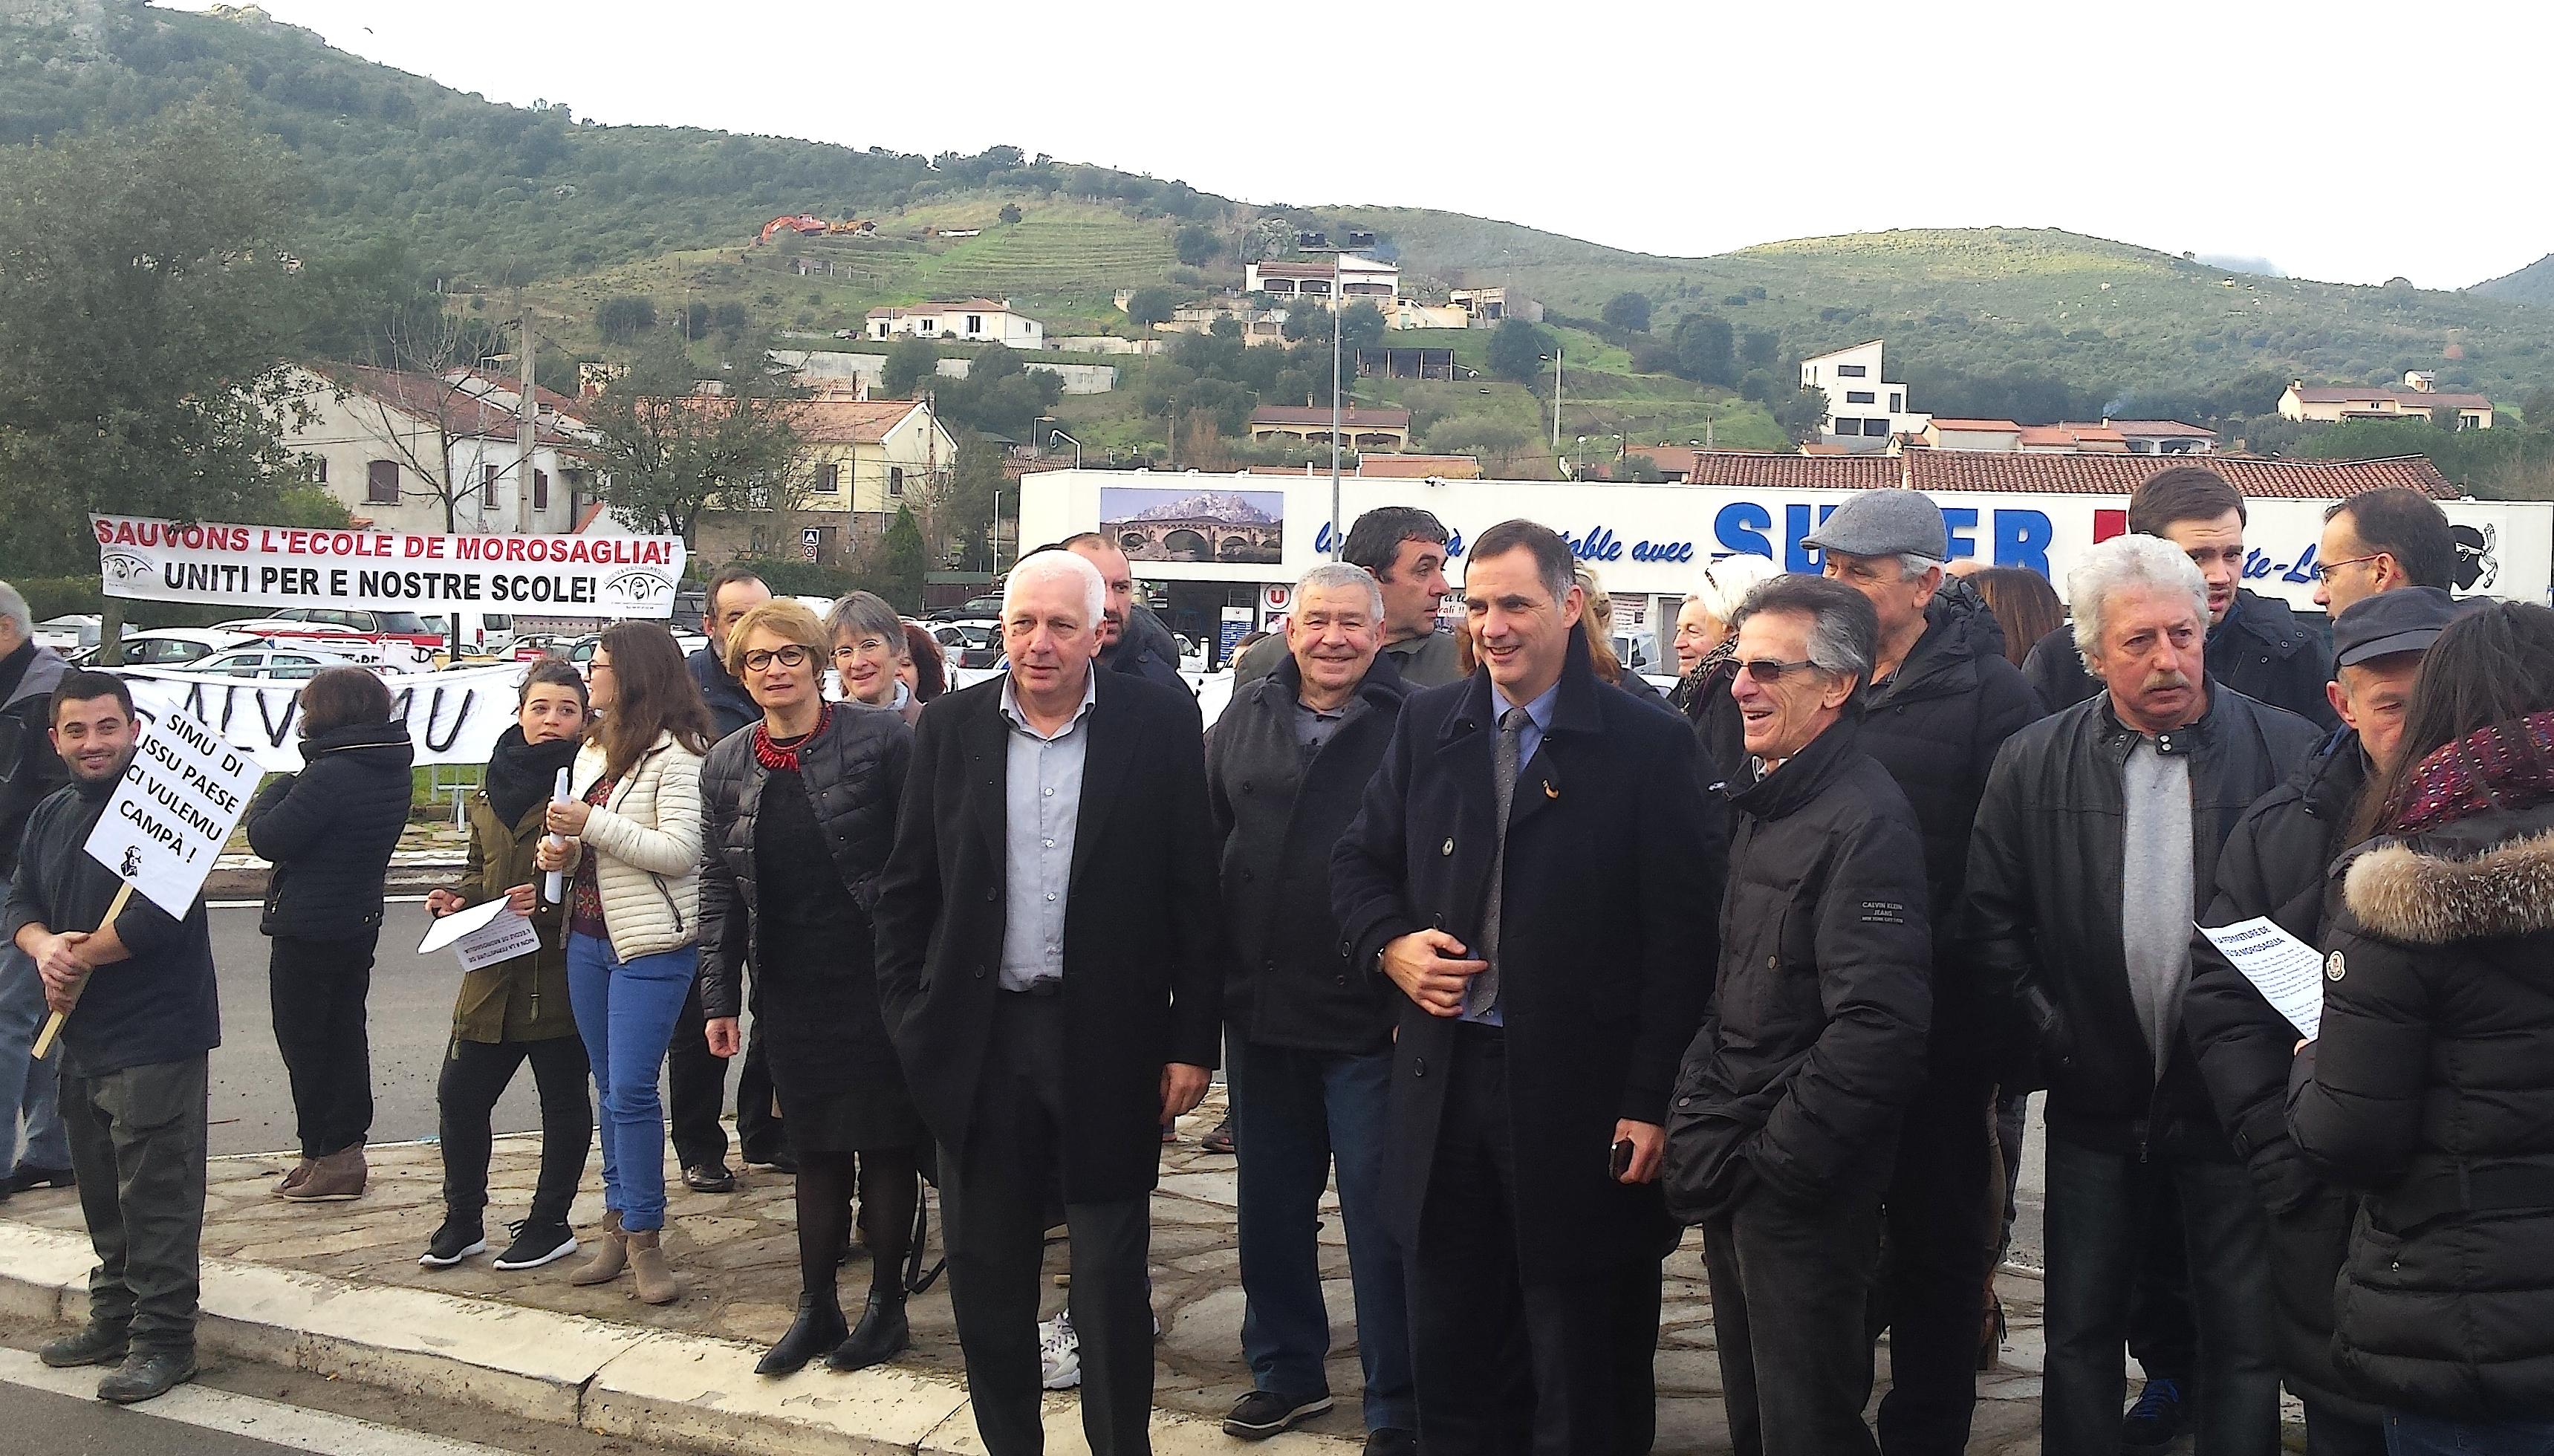 Menaces sur l'école Pasquale Paoli de Morosaglia : Rassemblement et barrage filtrant à Ponte-Leccia